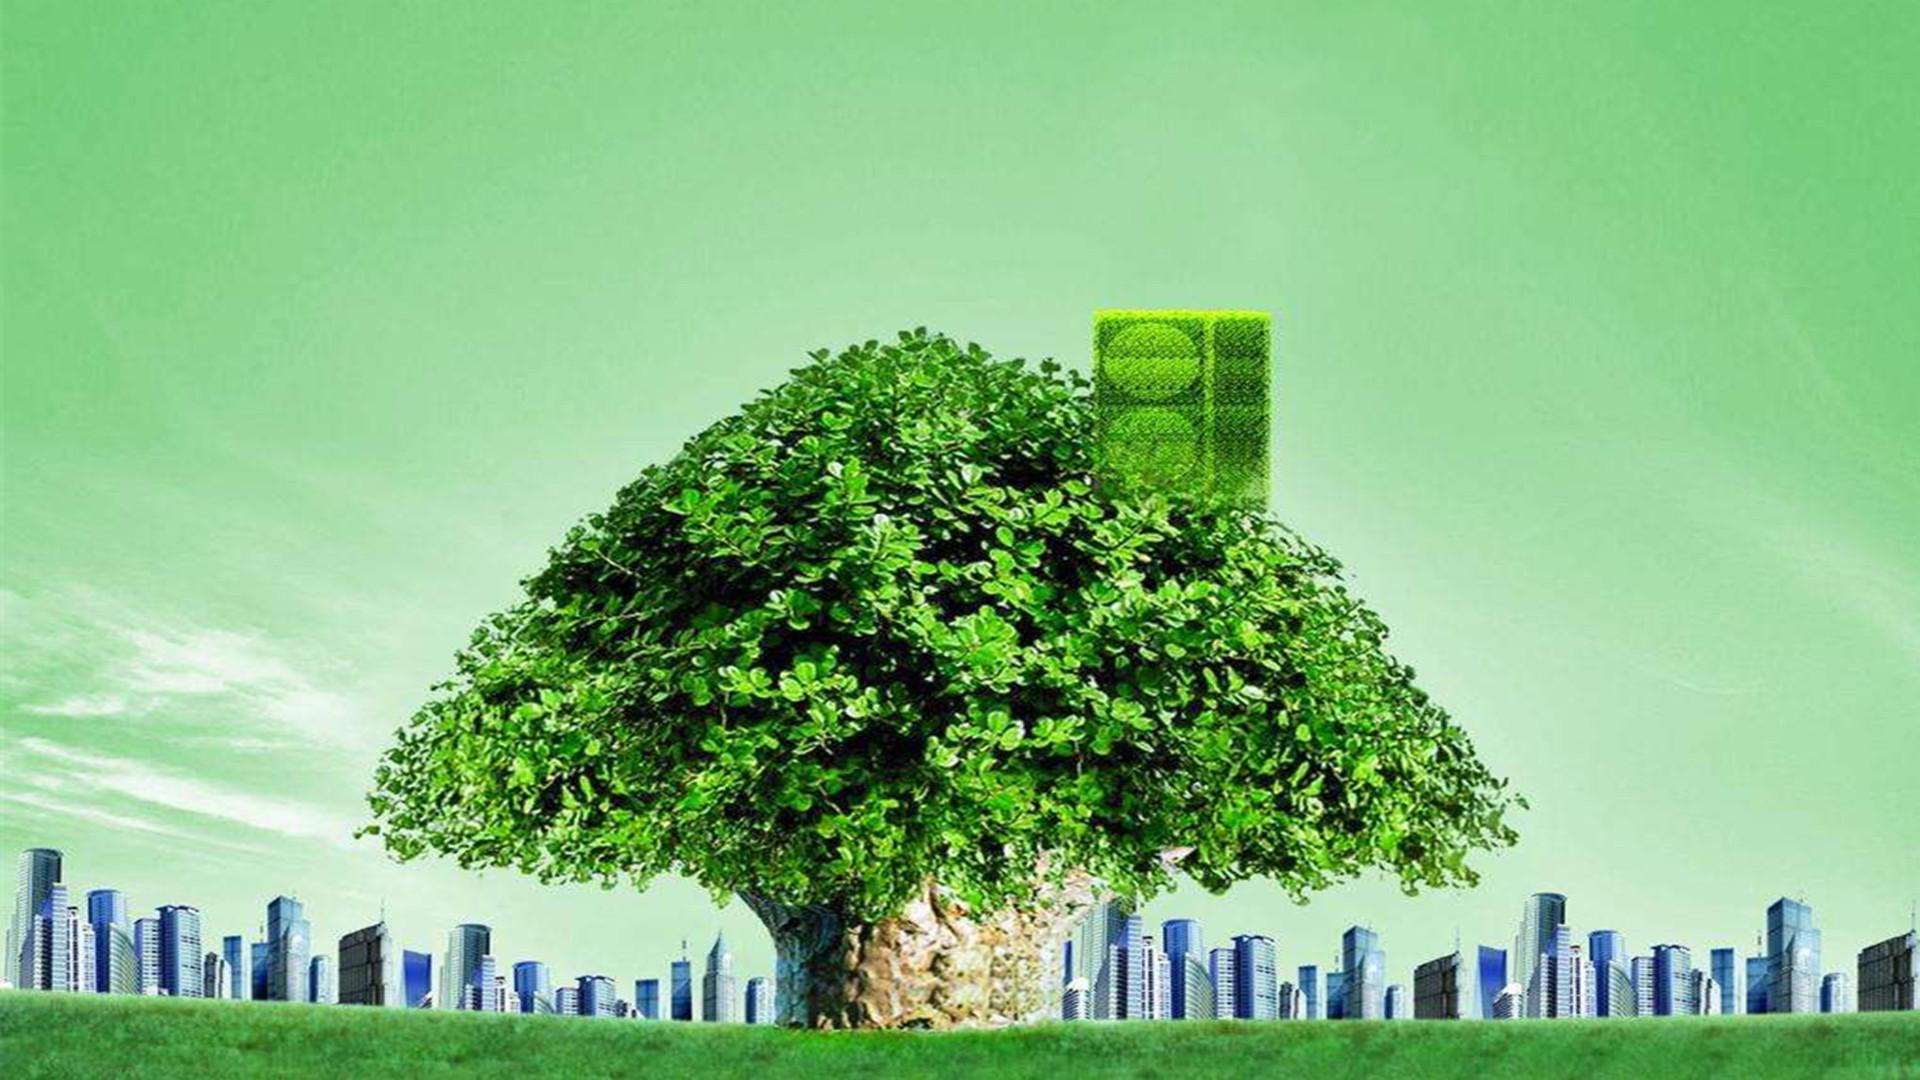 各项政策下防火保温材料的市场机遇如何?